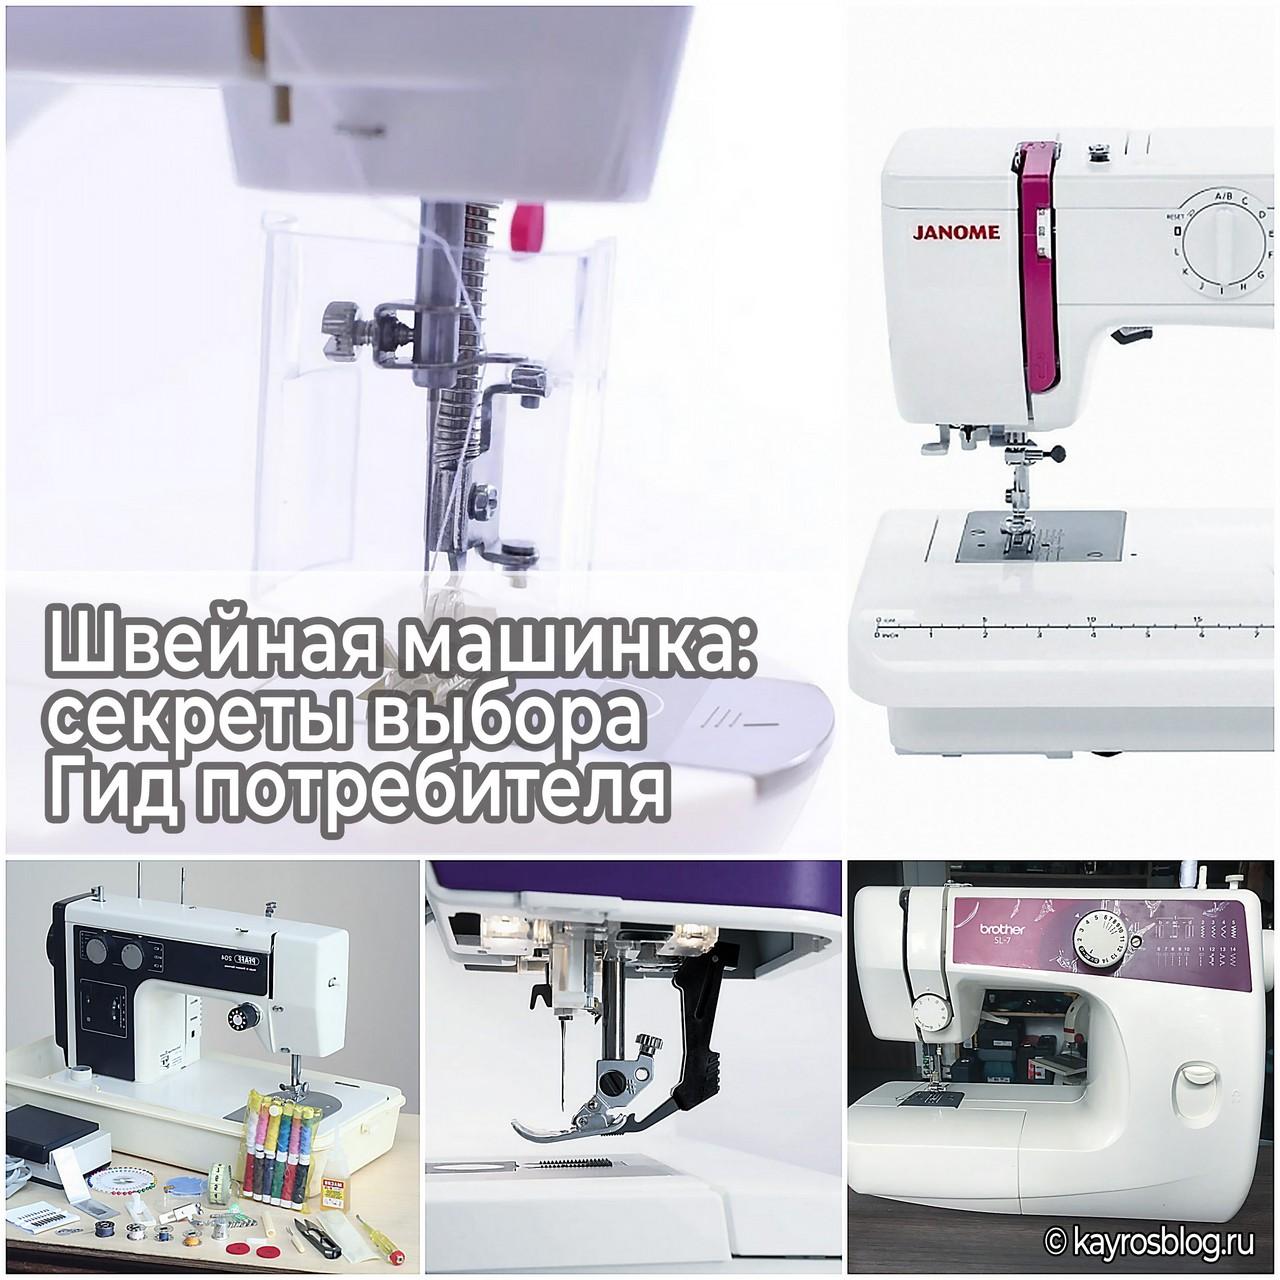 Швейная машинка секреты выбора - Гид потребителя